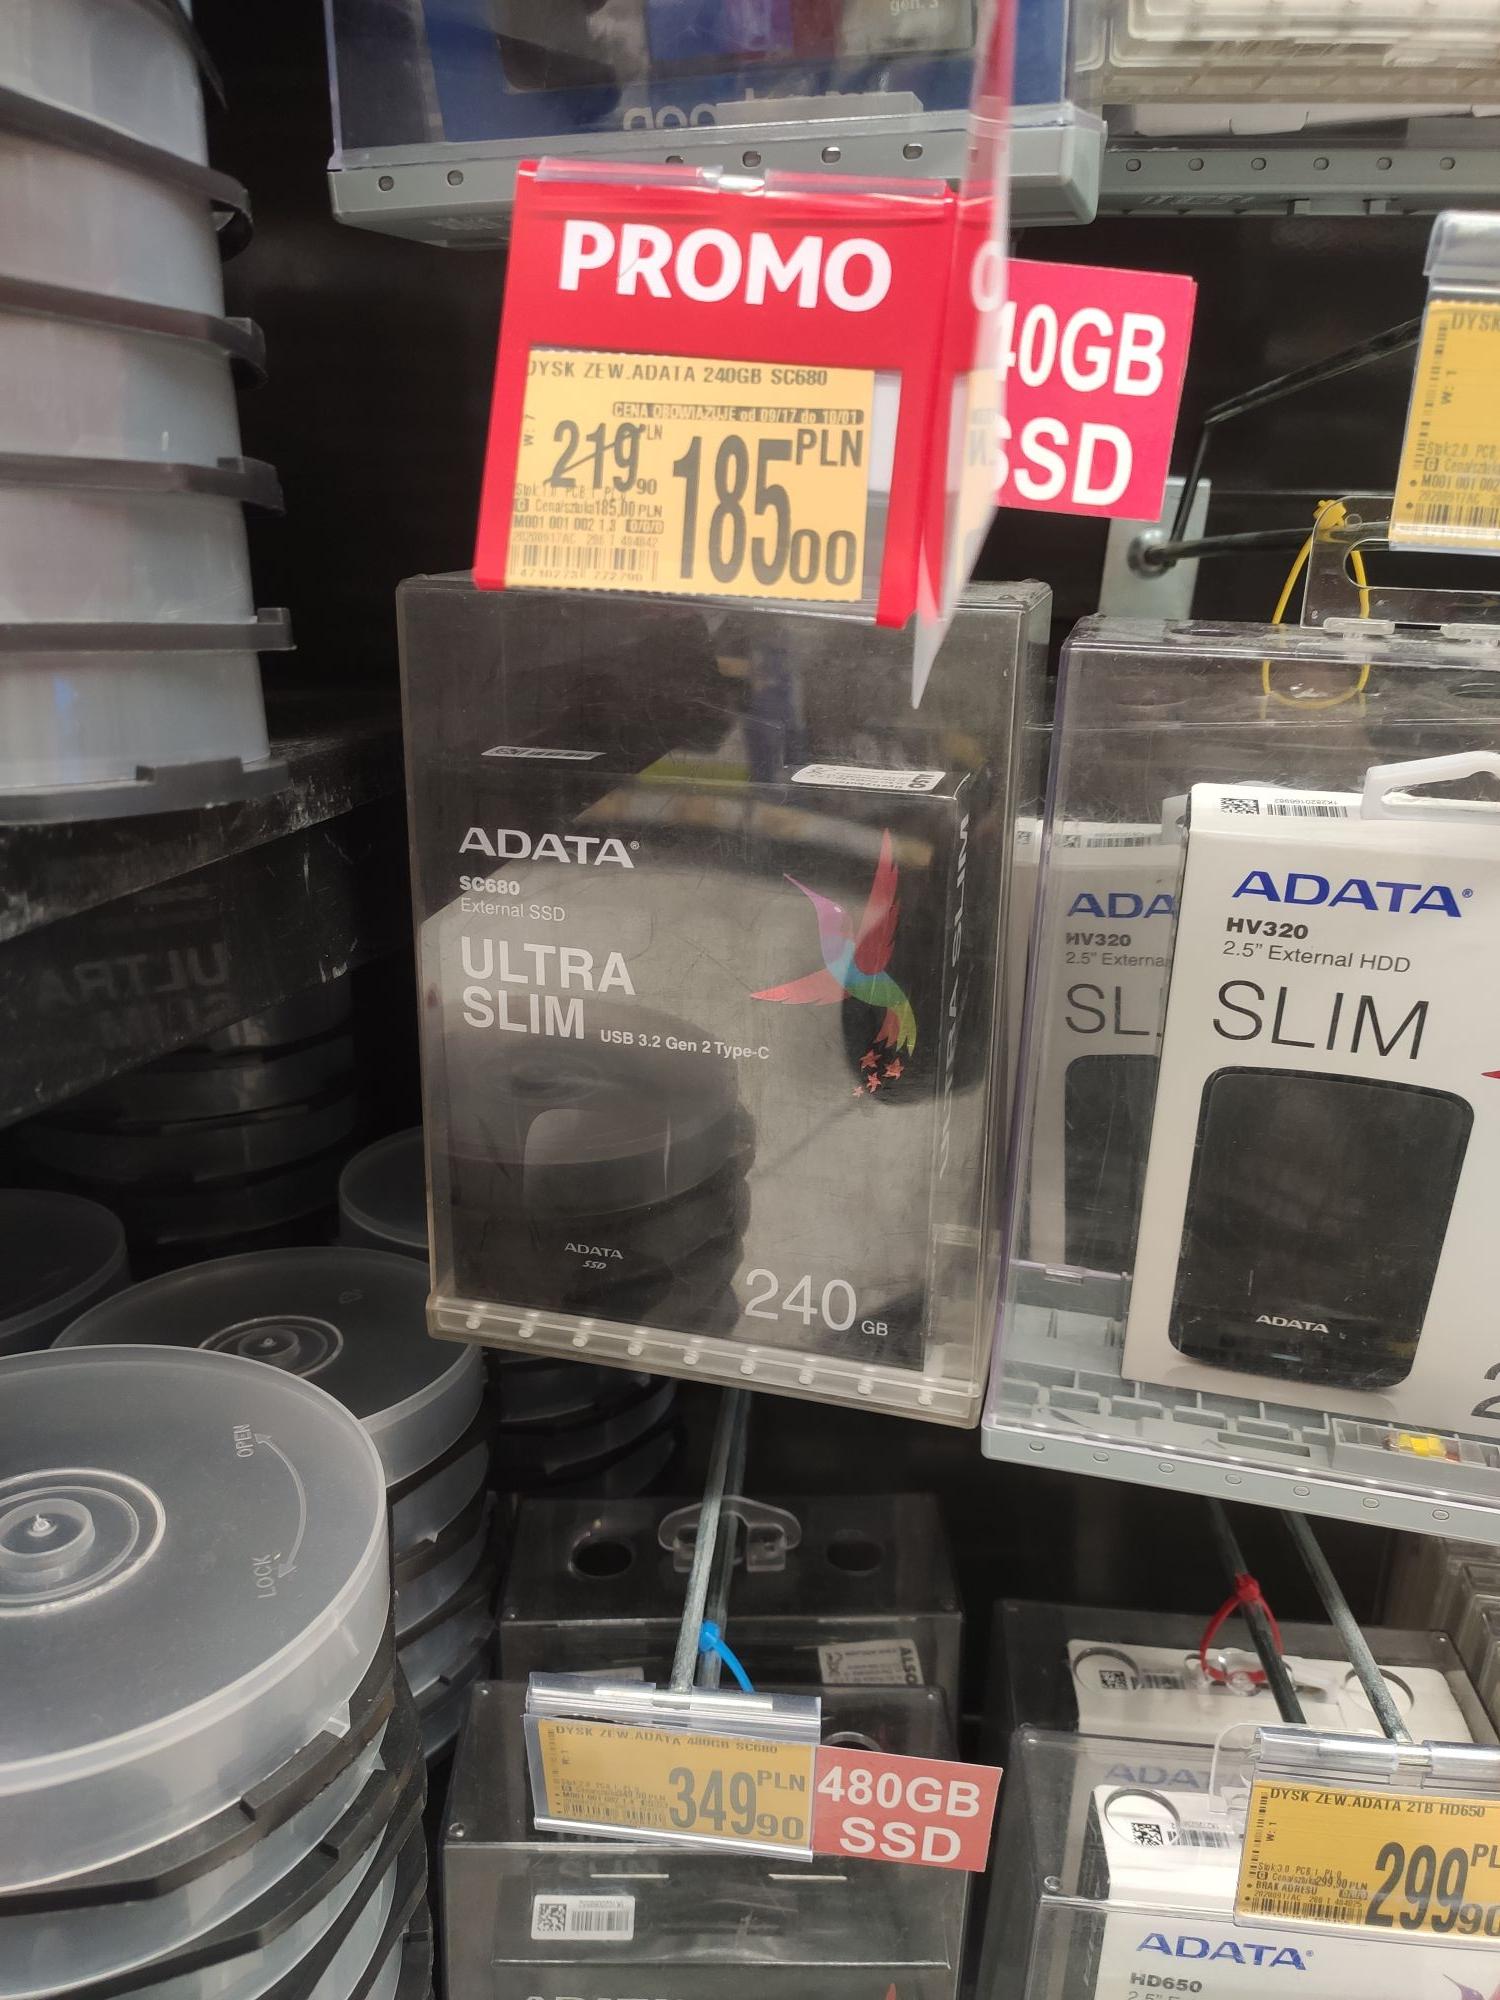 Dysk zewnętrzny SSD ADATA 240GB SC680 USB C 3.2